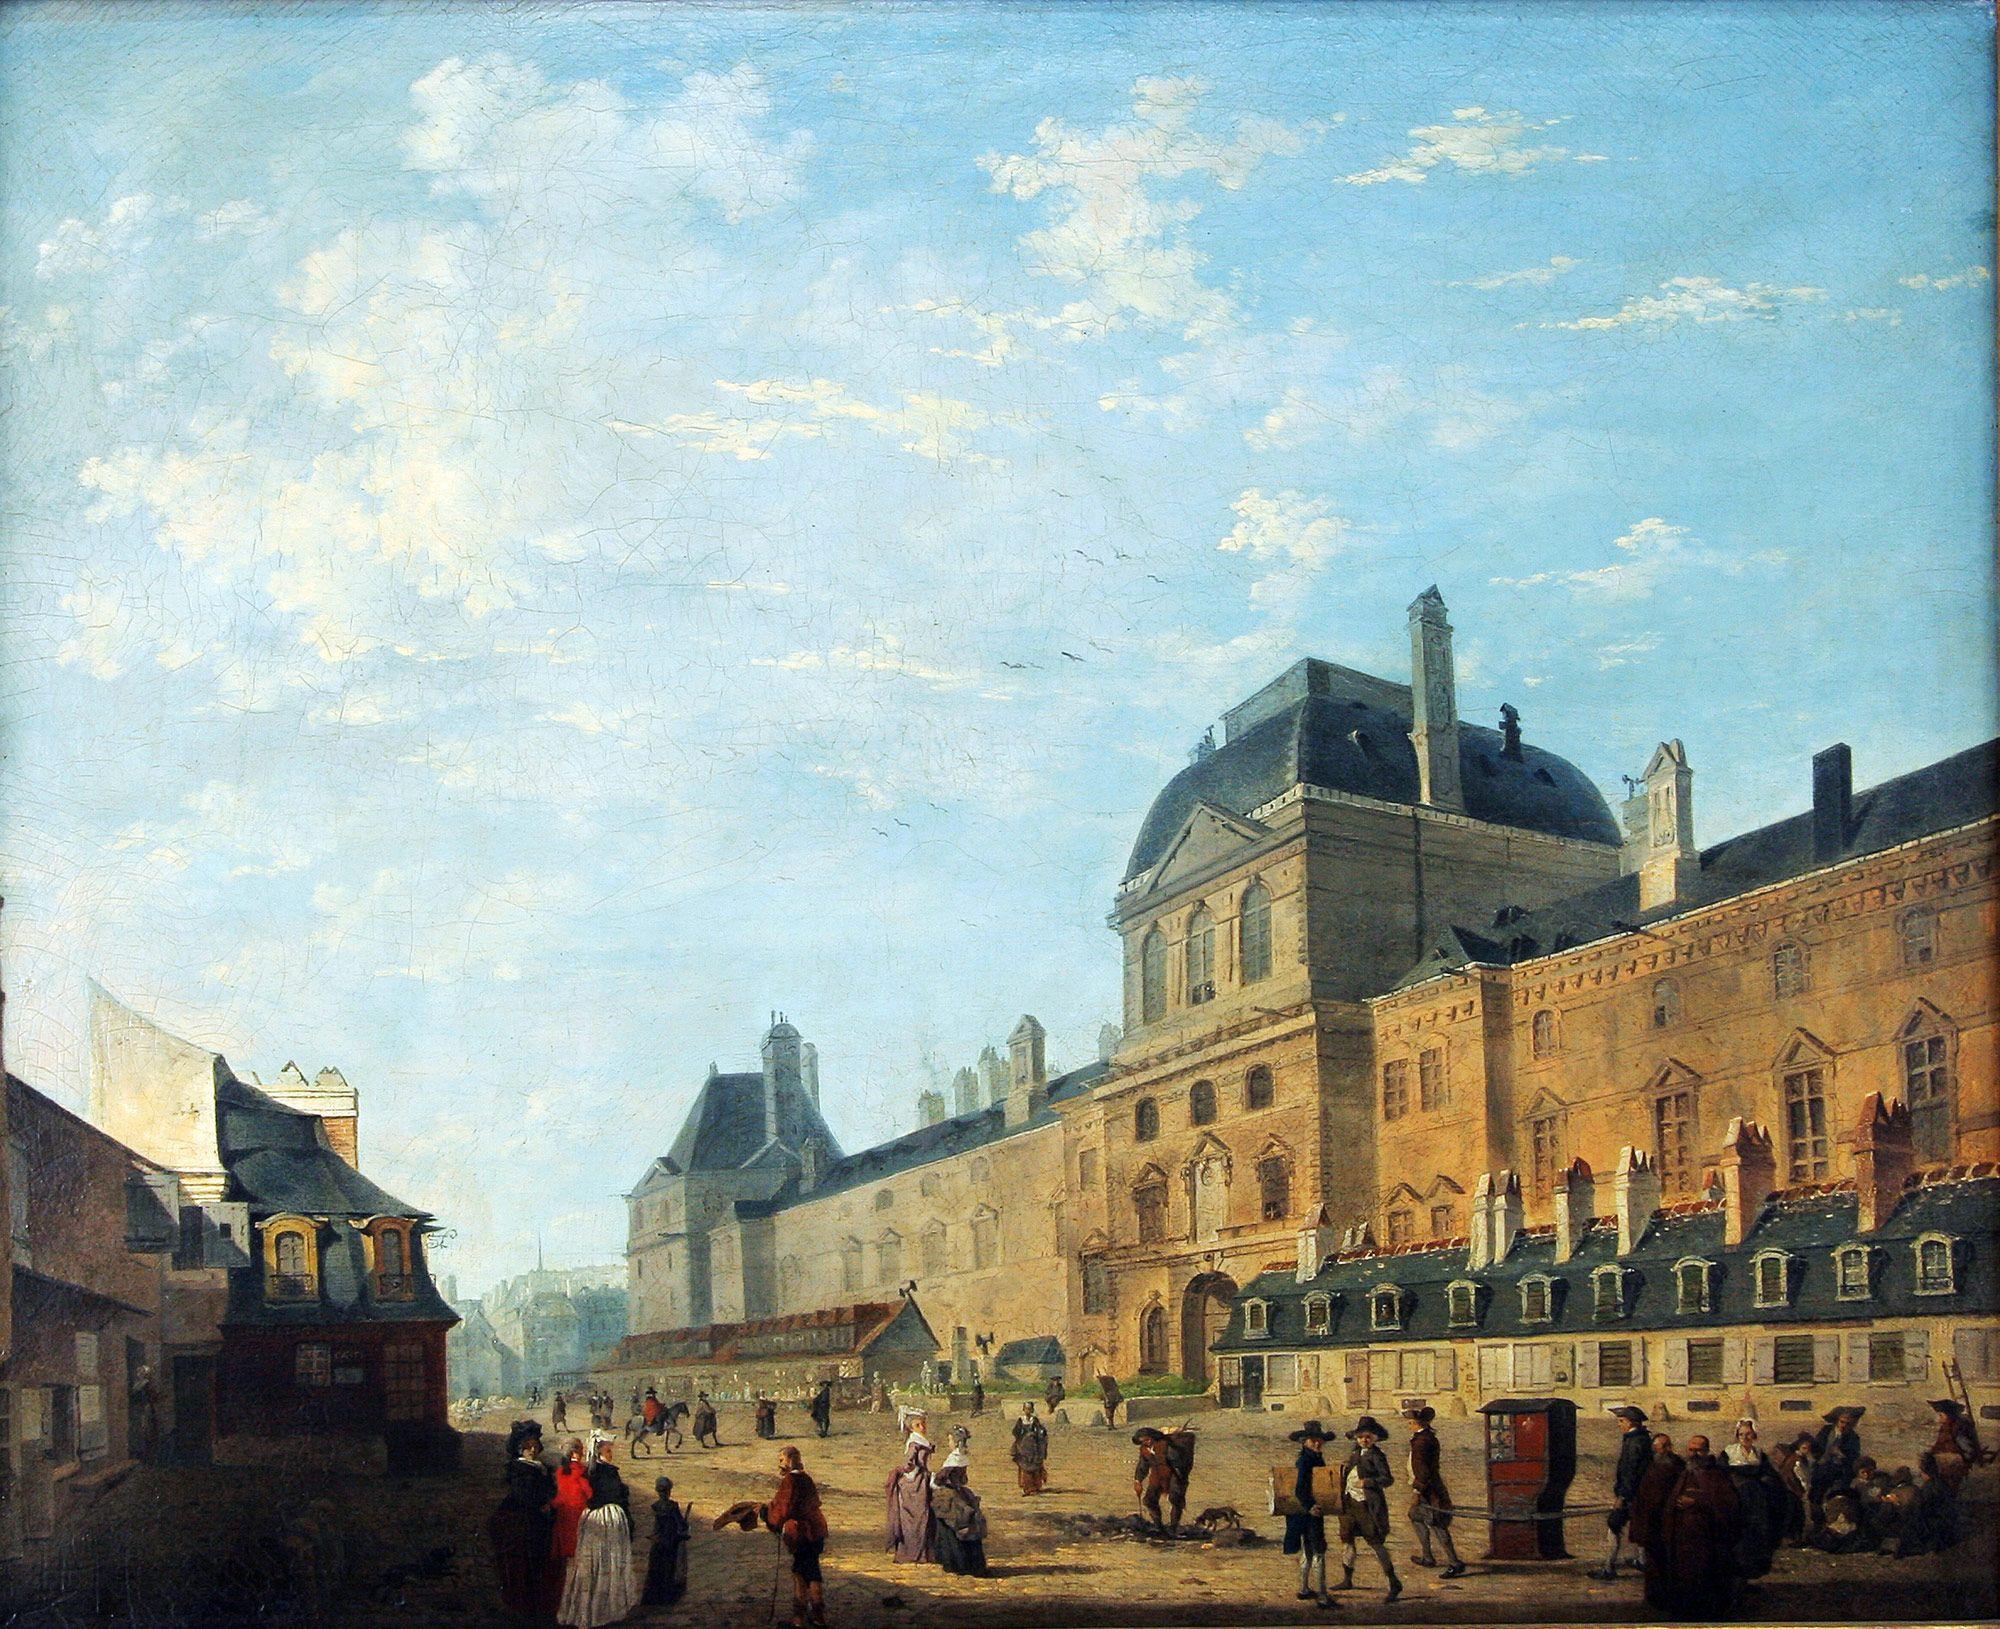 une vue de la faaade ouest. Debucourt, Vue De La Façade Ouest Du Louvre XVIIIe Siècle Paris Musée Une Faaade S